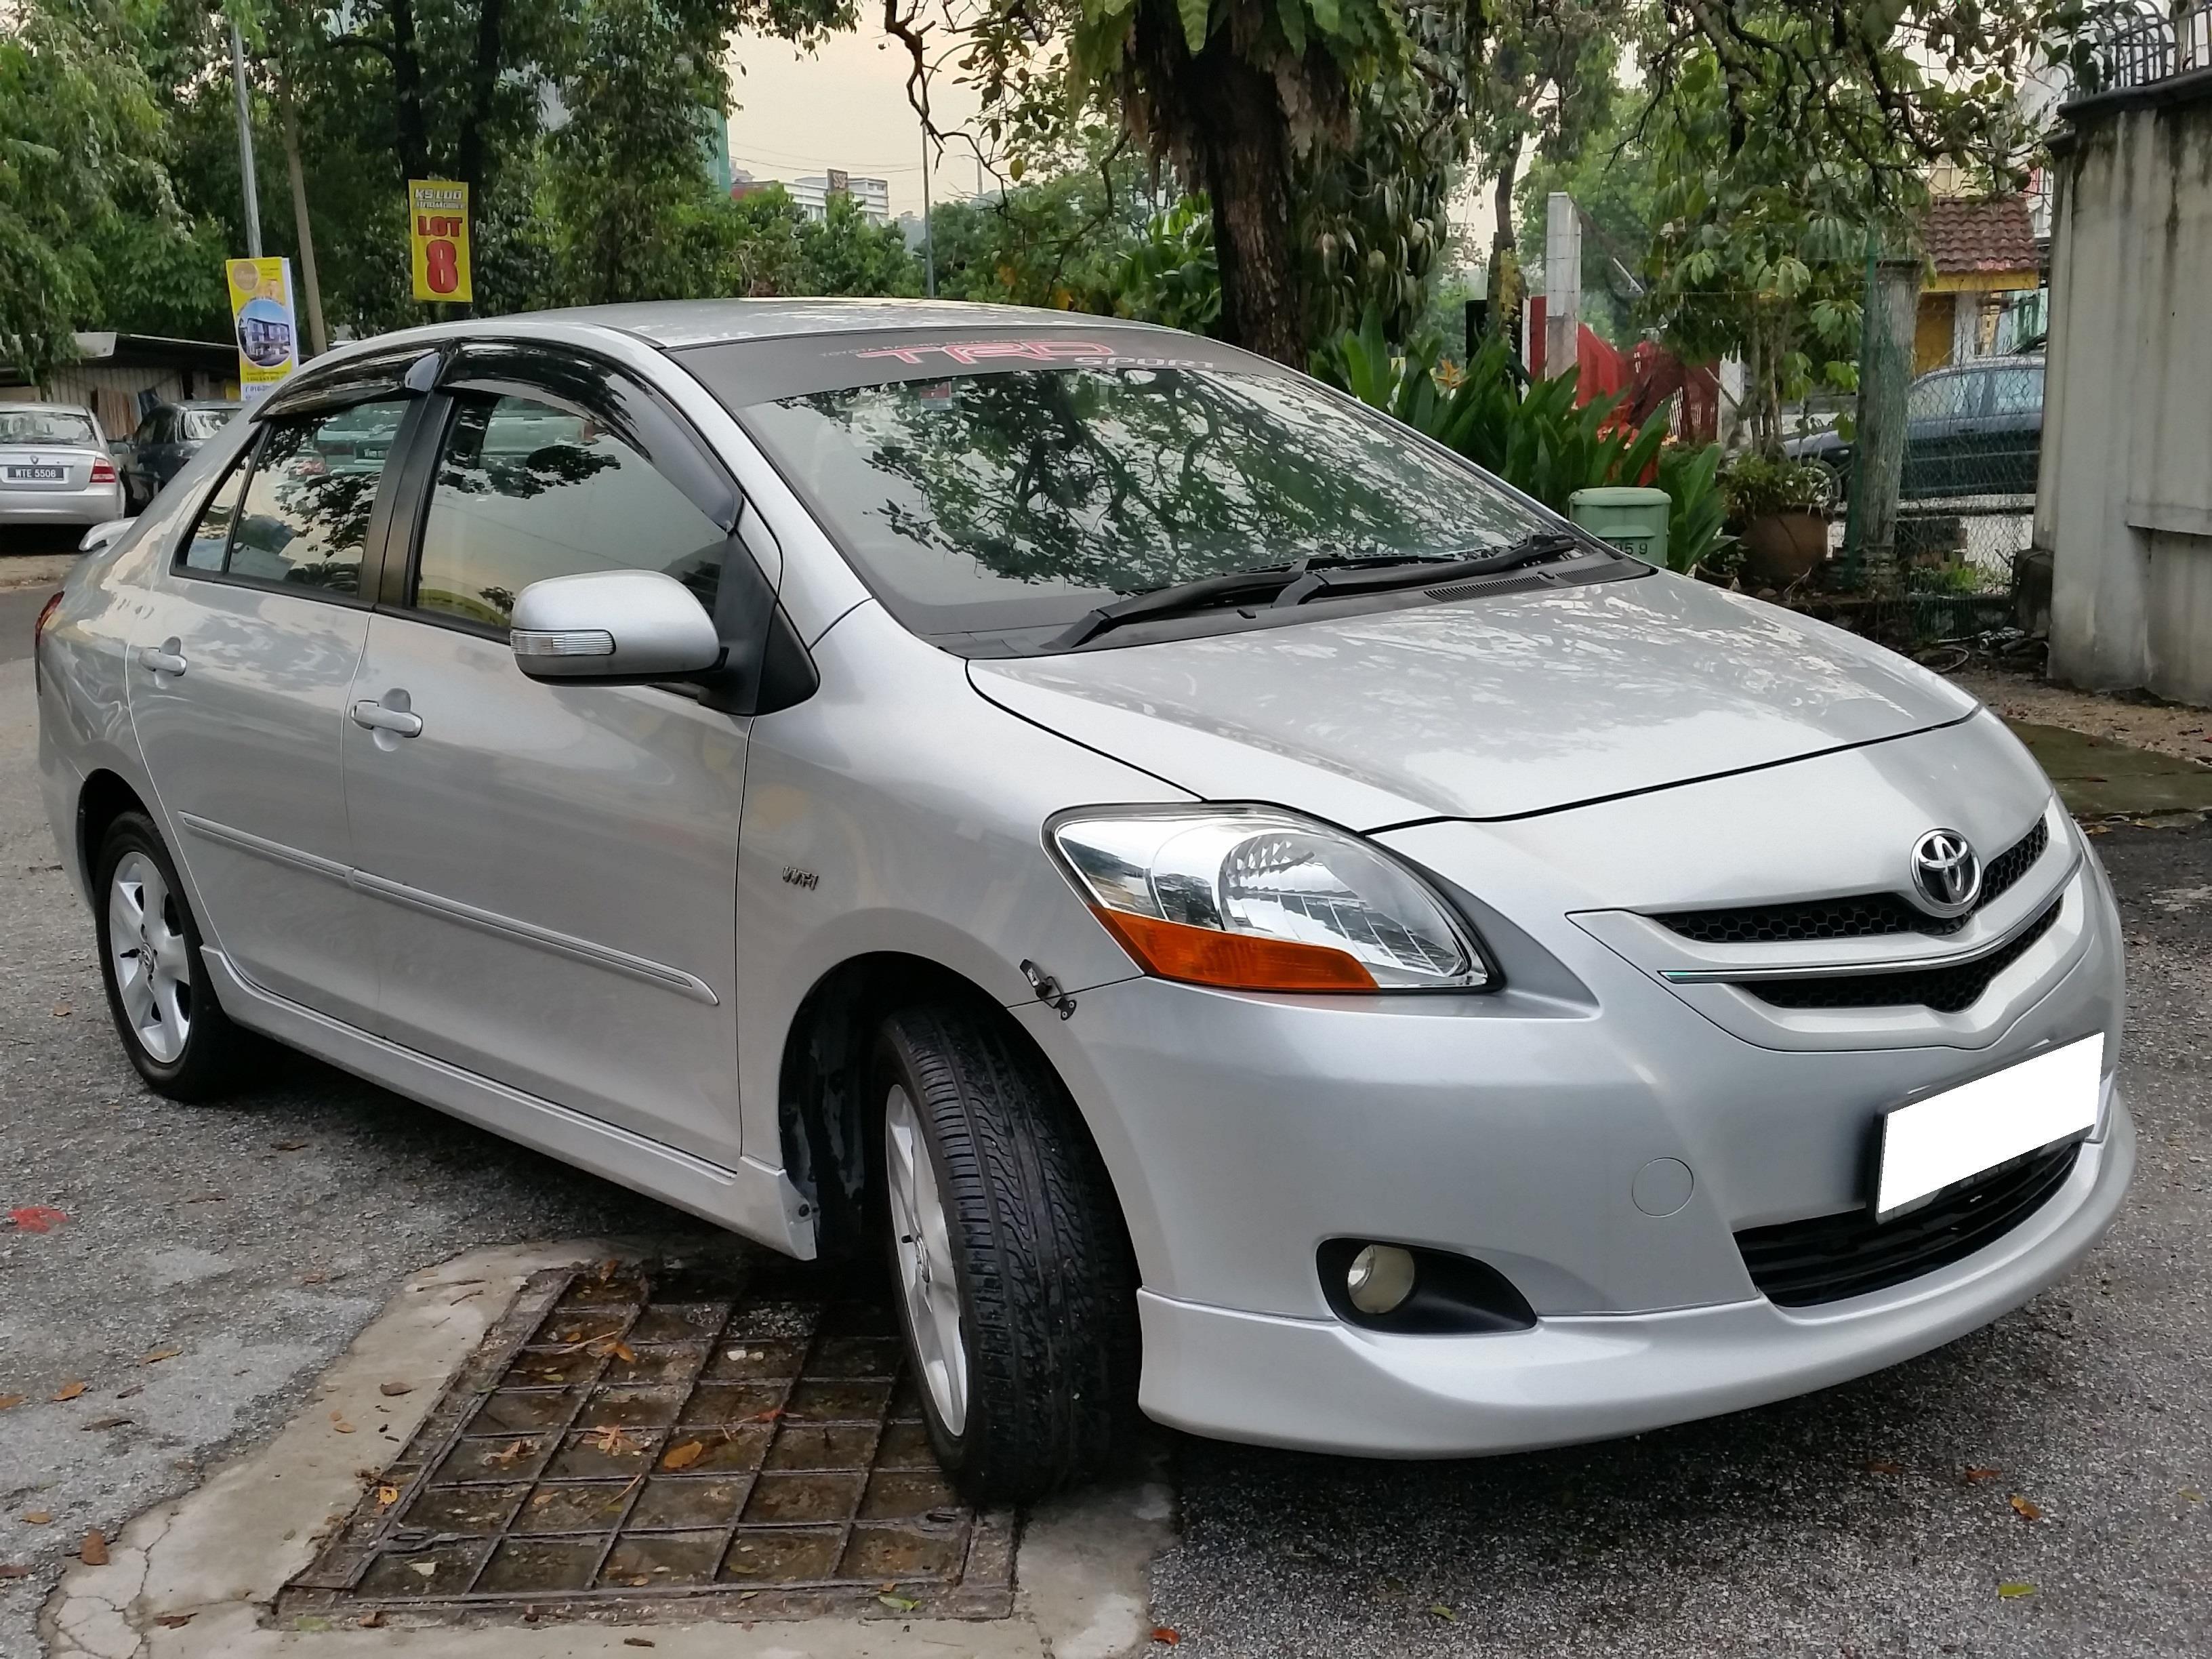 Kelebihan Kekurangan Toyota Vios 2009 Spesifikasi